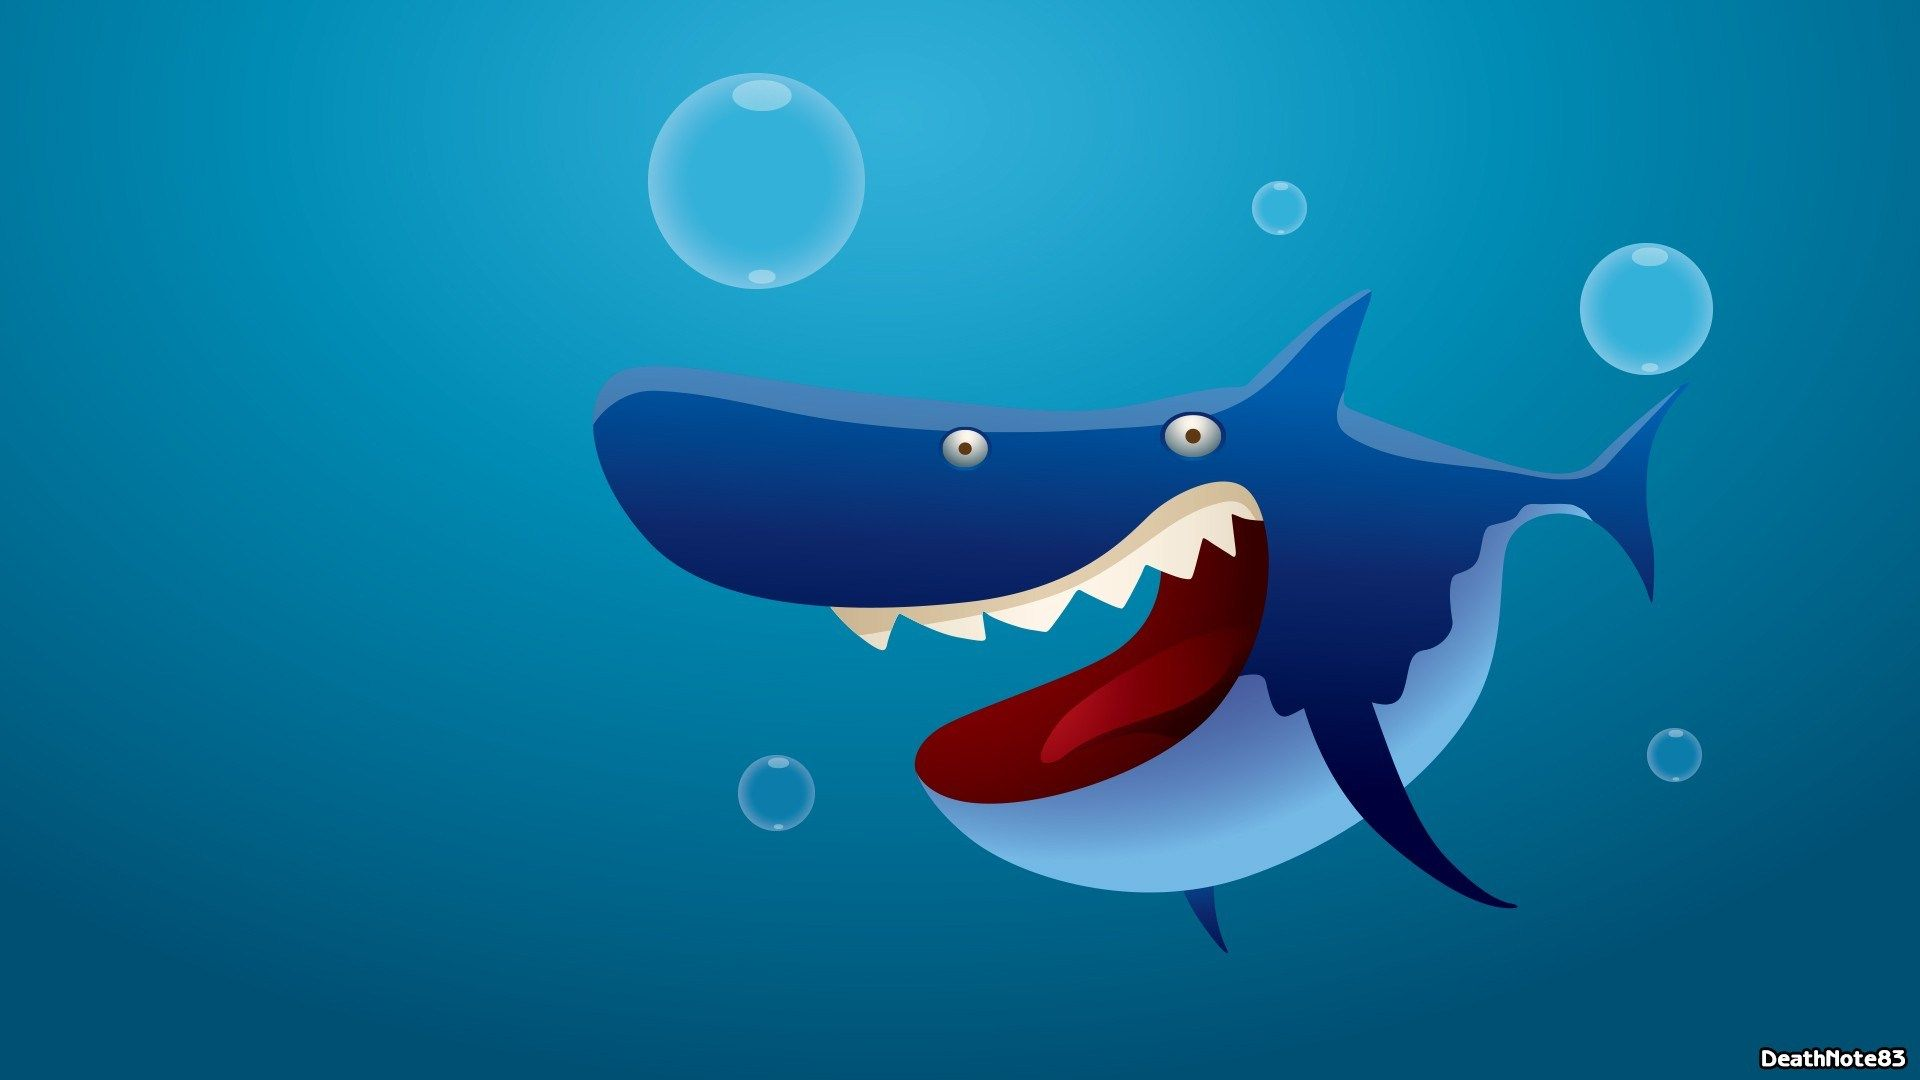 Картинки днем, смешной рисунок акулы